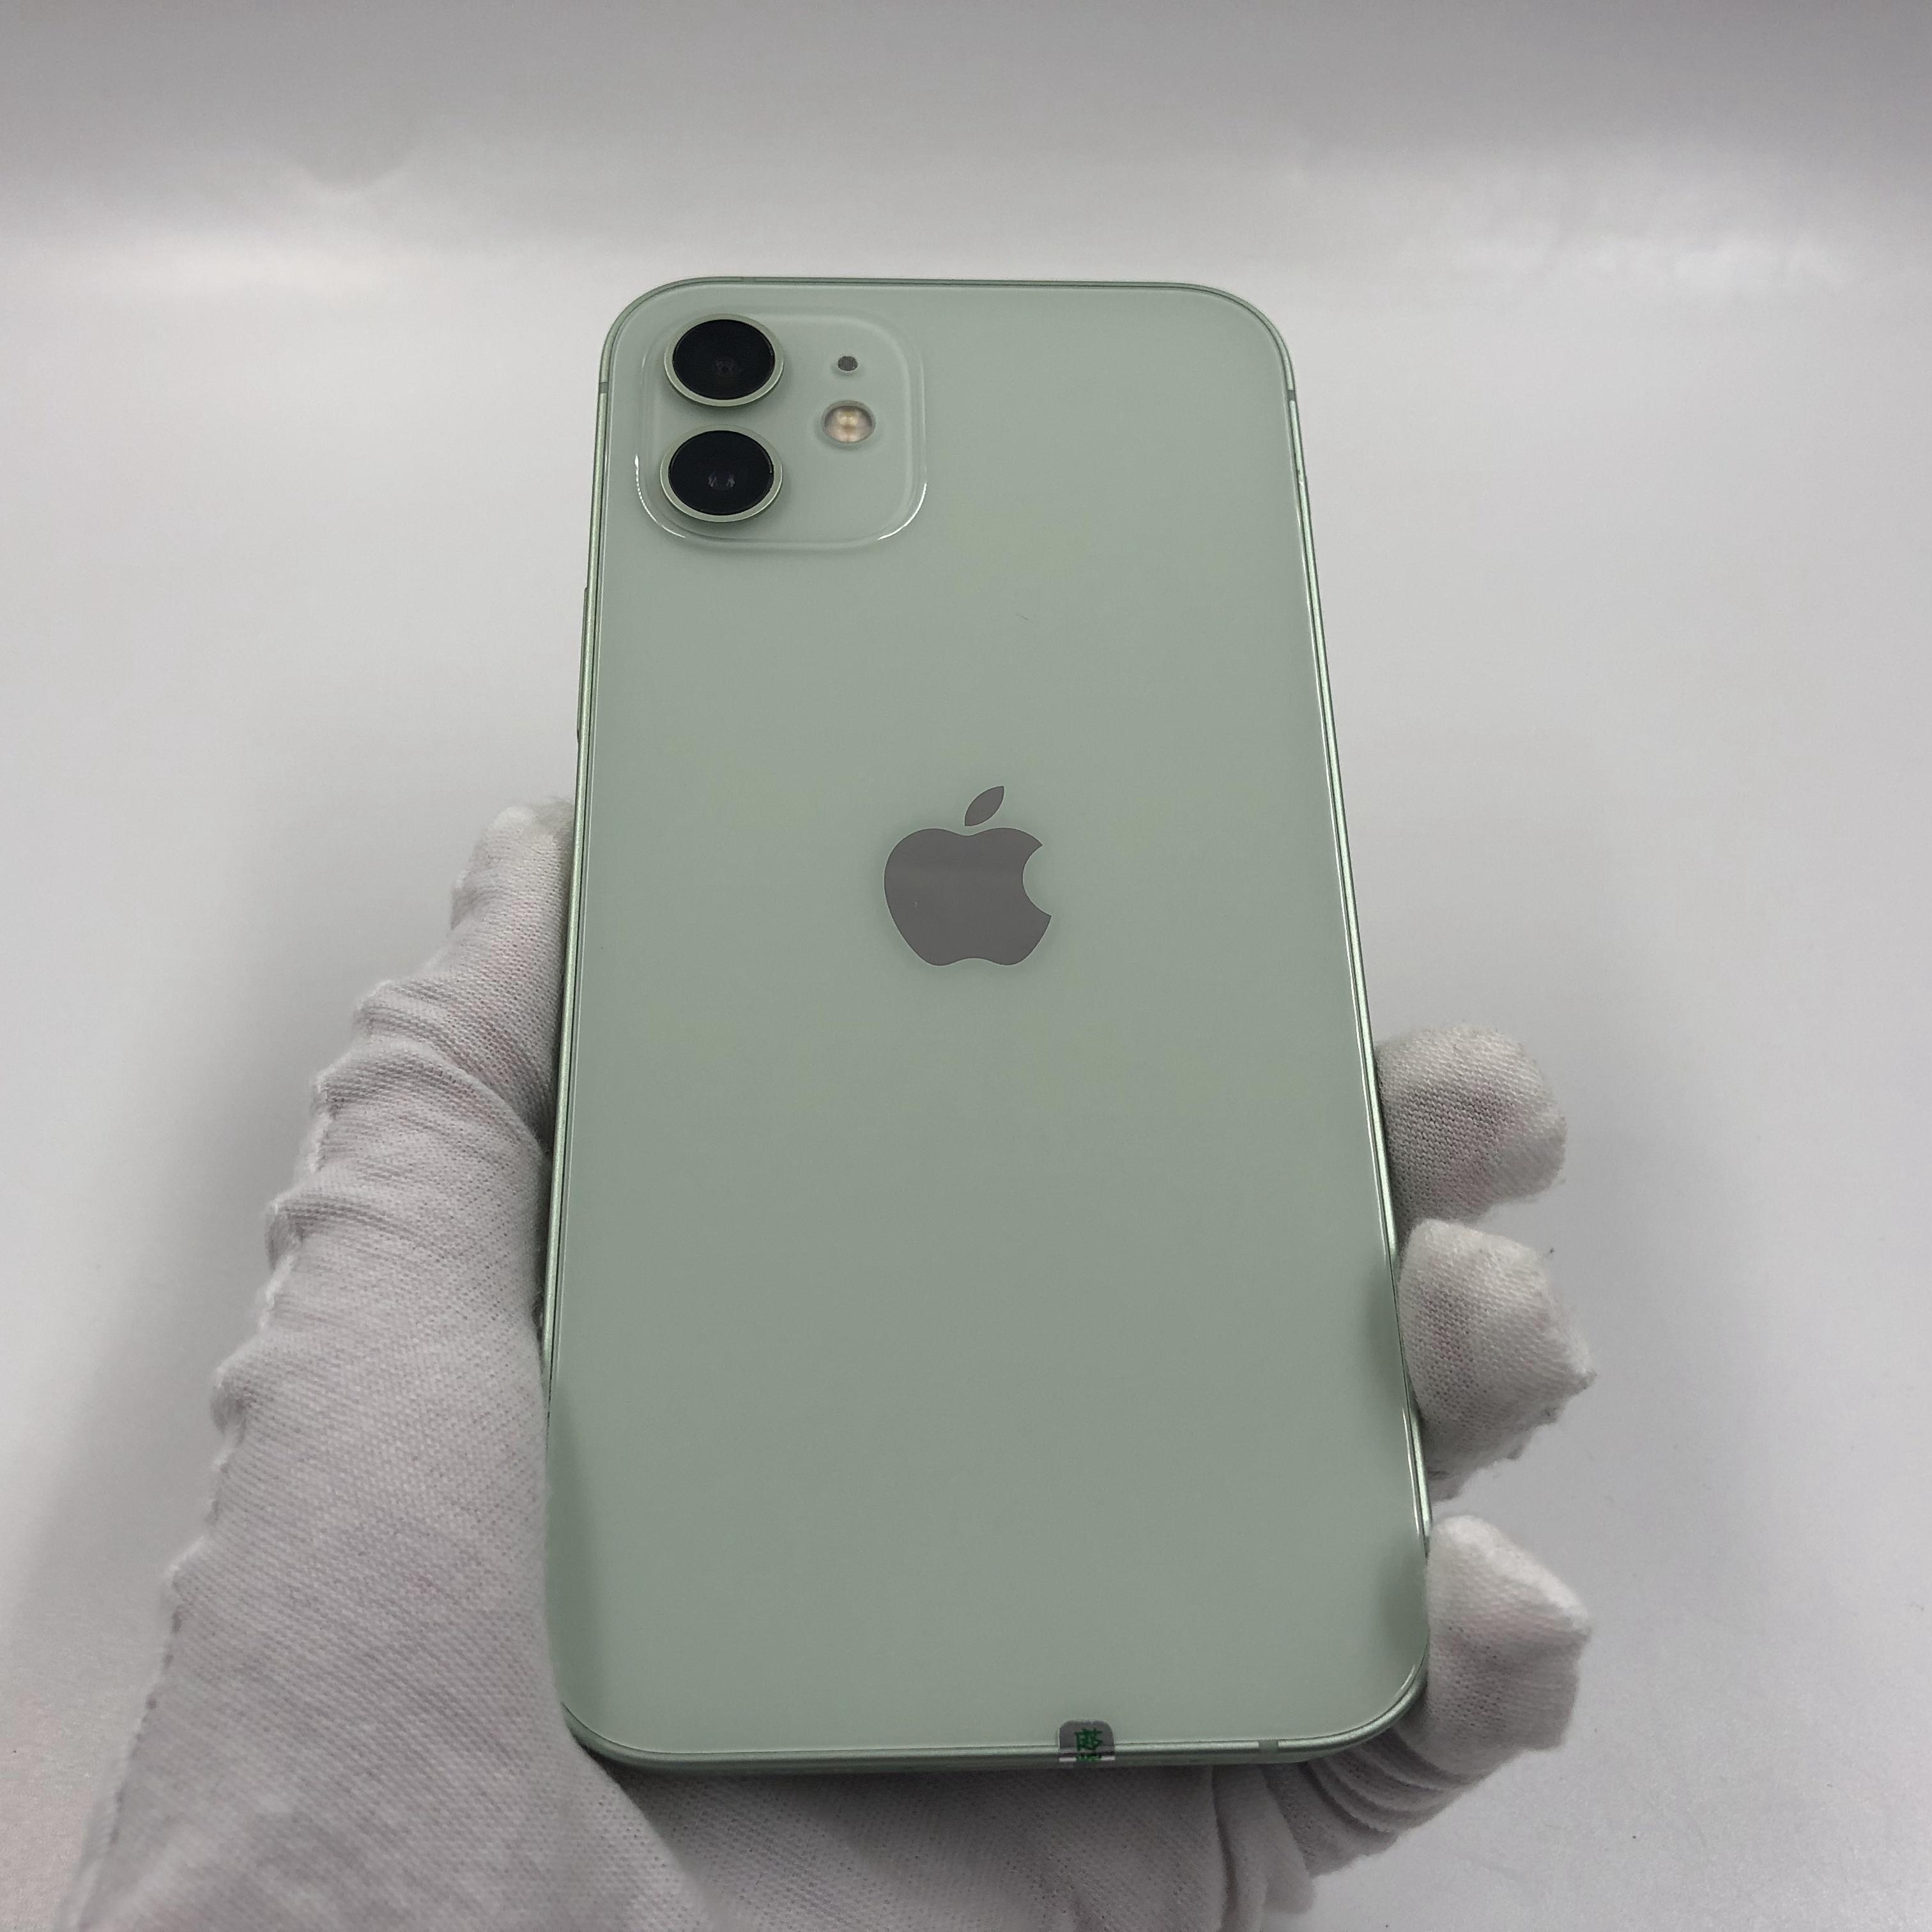 苹果【iPhone 12】5G全网通 绿色 128G 国行 8成新 真机实拍官保2022-04-26